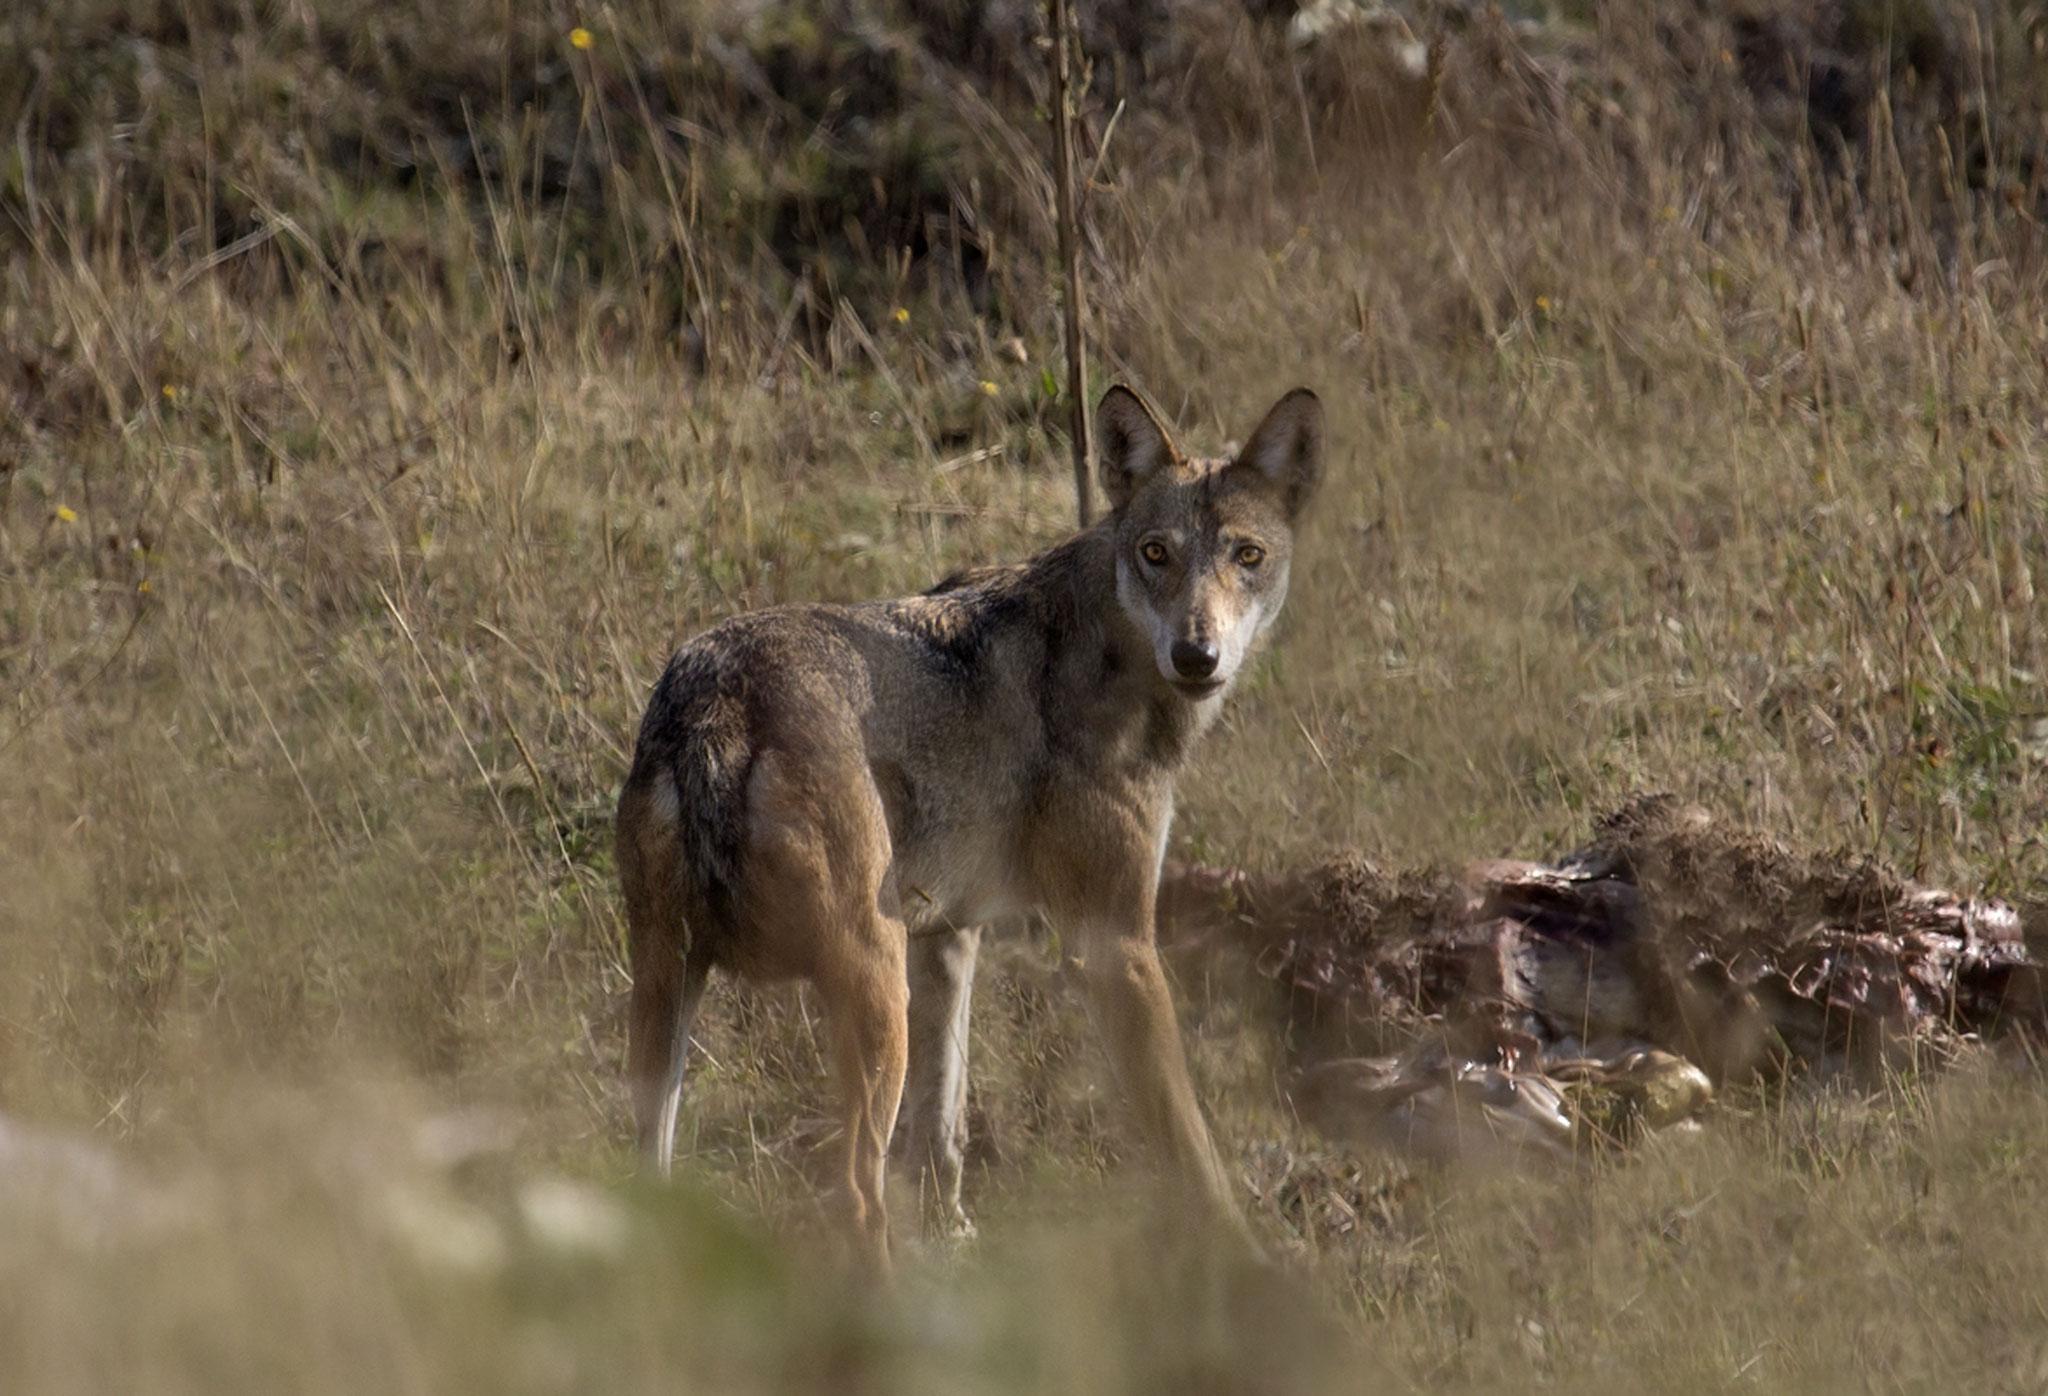 Lupo (Canis lupus), intento a mangiare una carcassa di pecora